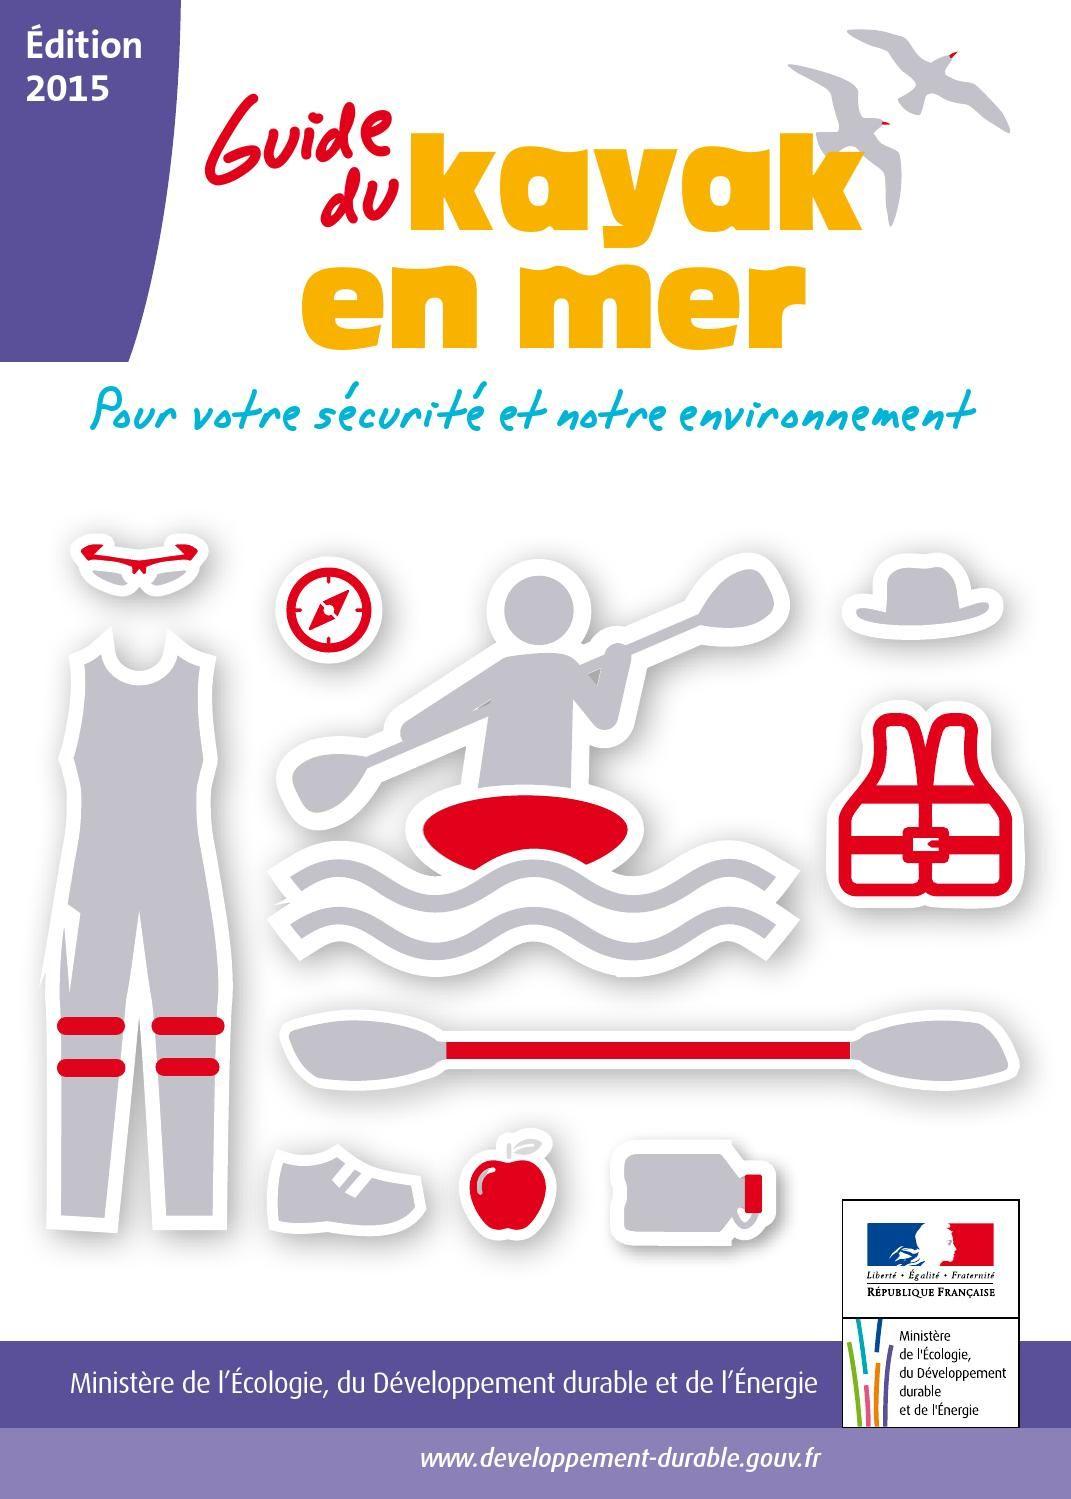 Guide sécurité kayak en mer Kayak, Kayak de mer, Sport